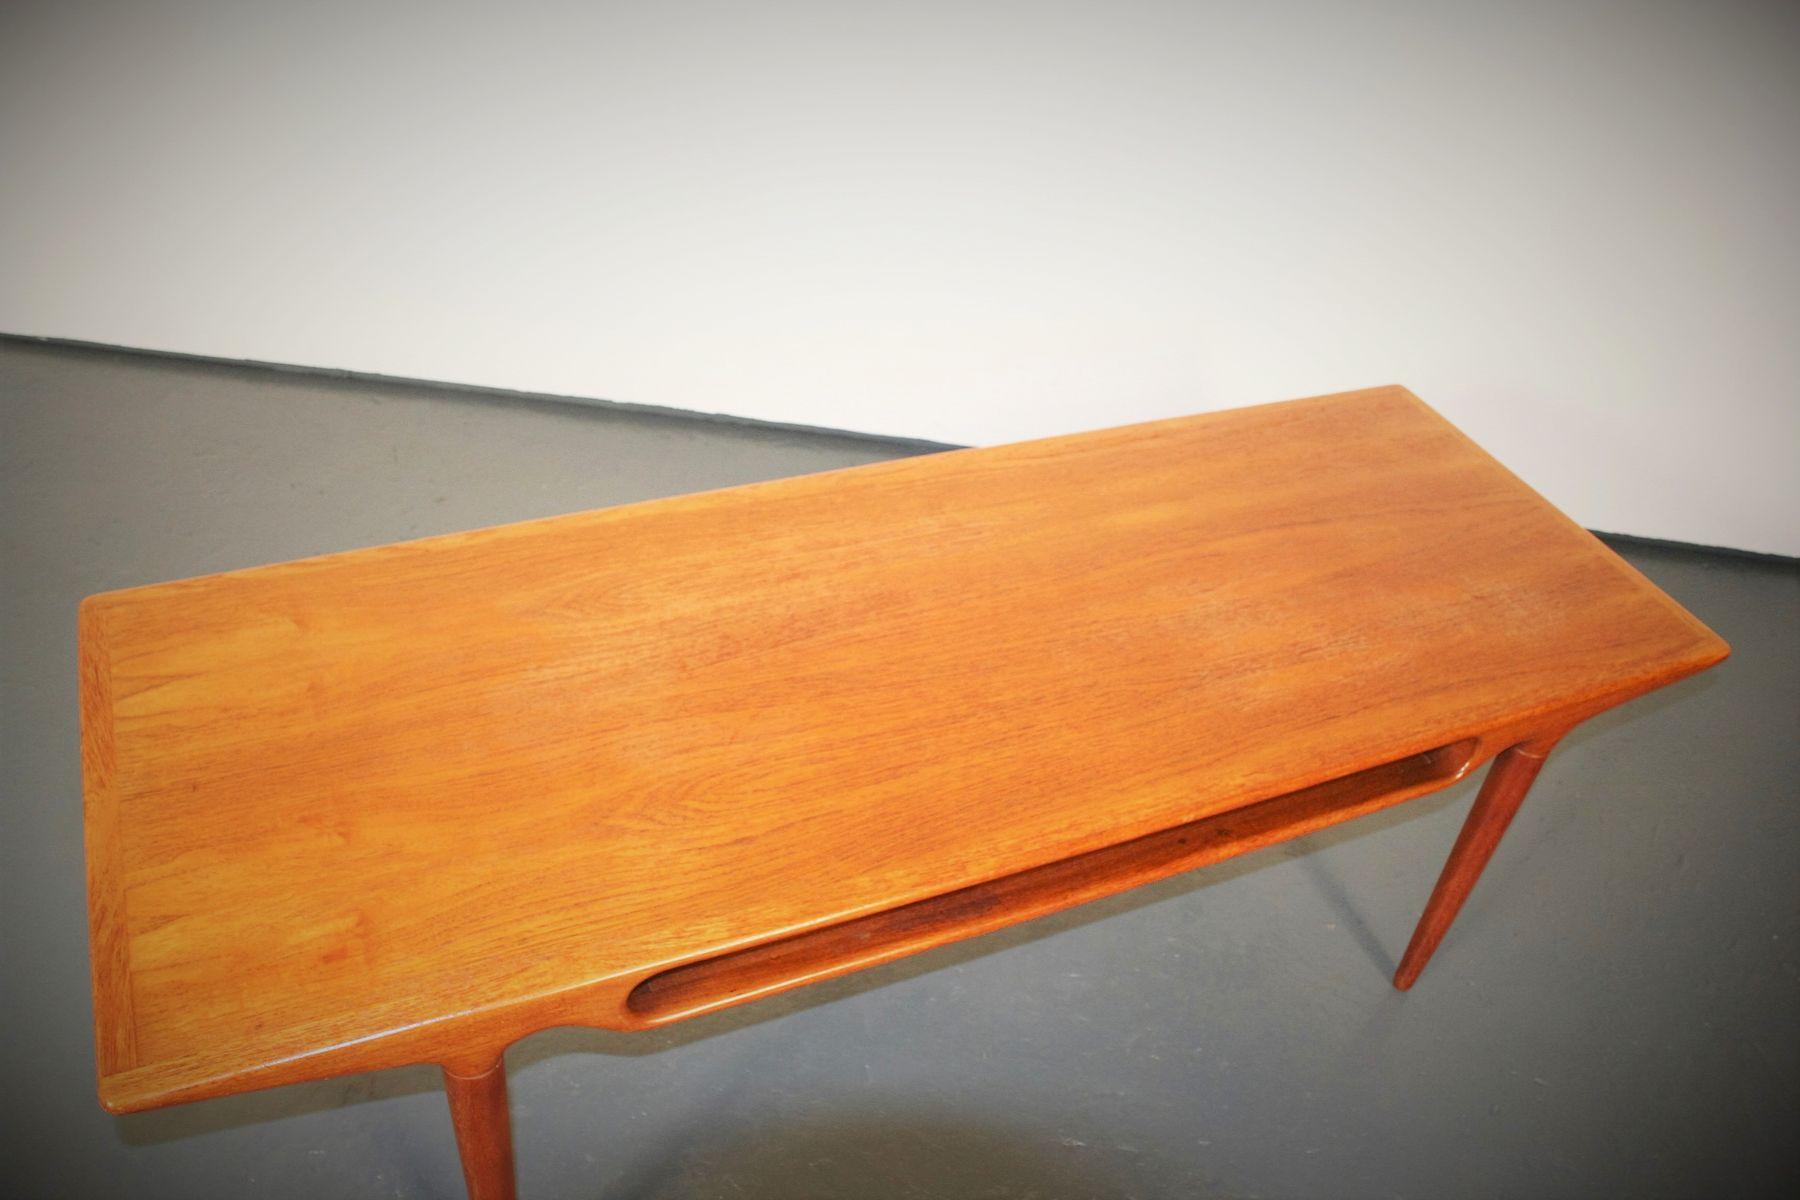 table-basse-en-teck-par-johannes-andersen-pour-c-f-c-silkeborg-8 Incroyable De Table Basse Gigogne Vintage Des Idées